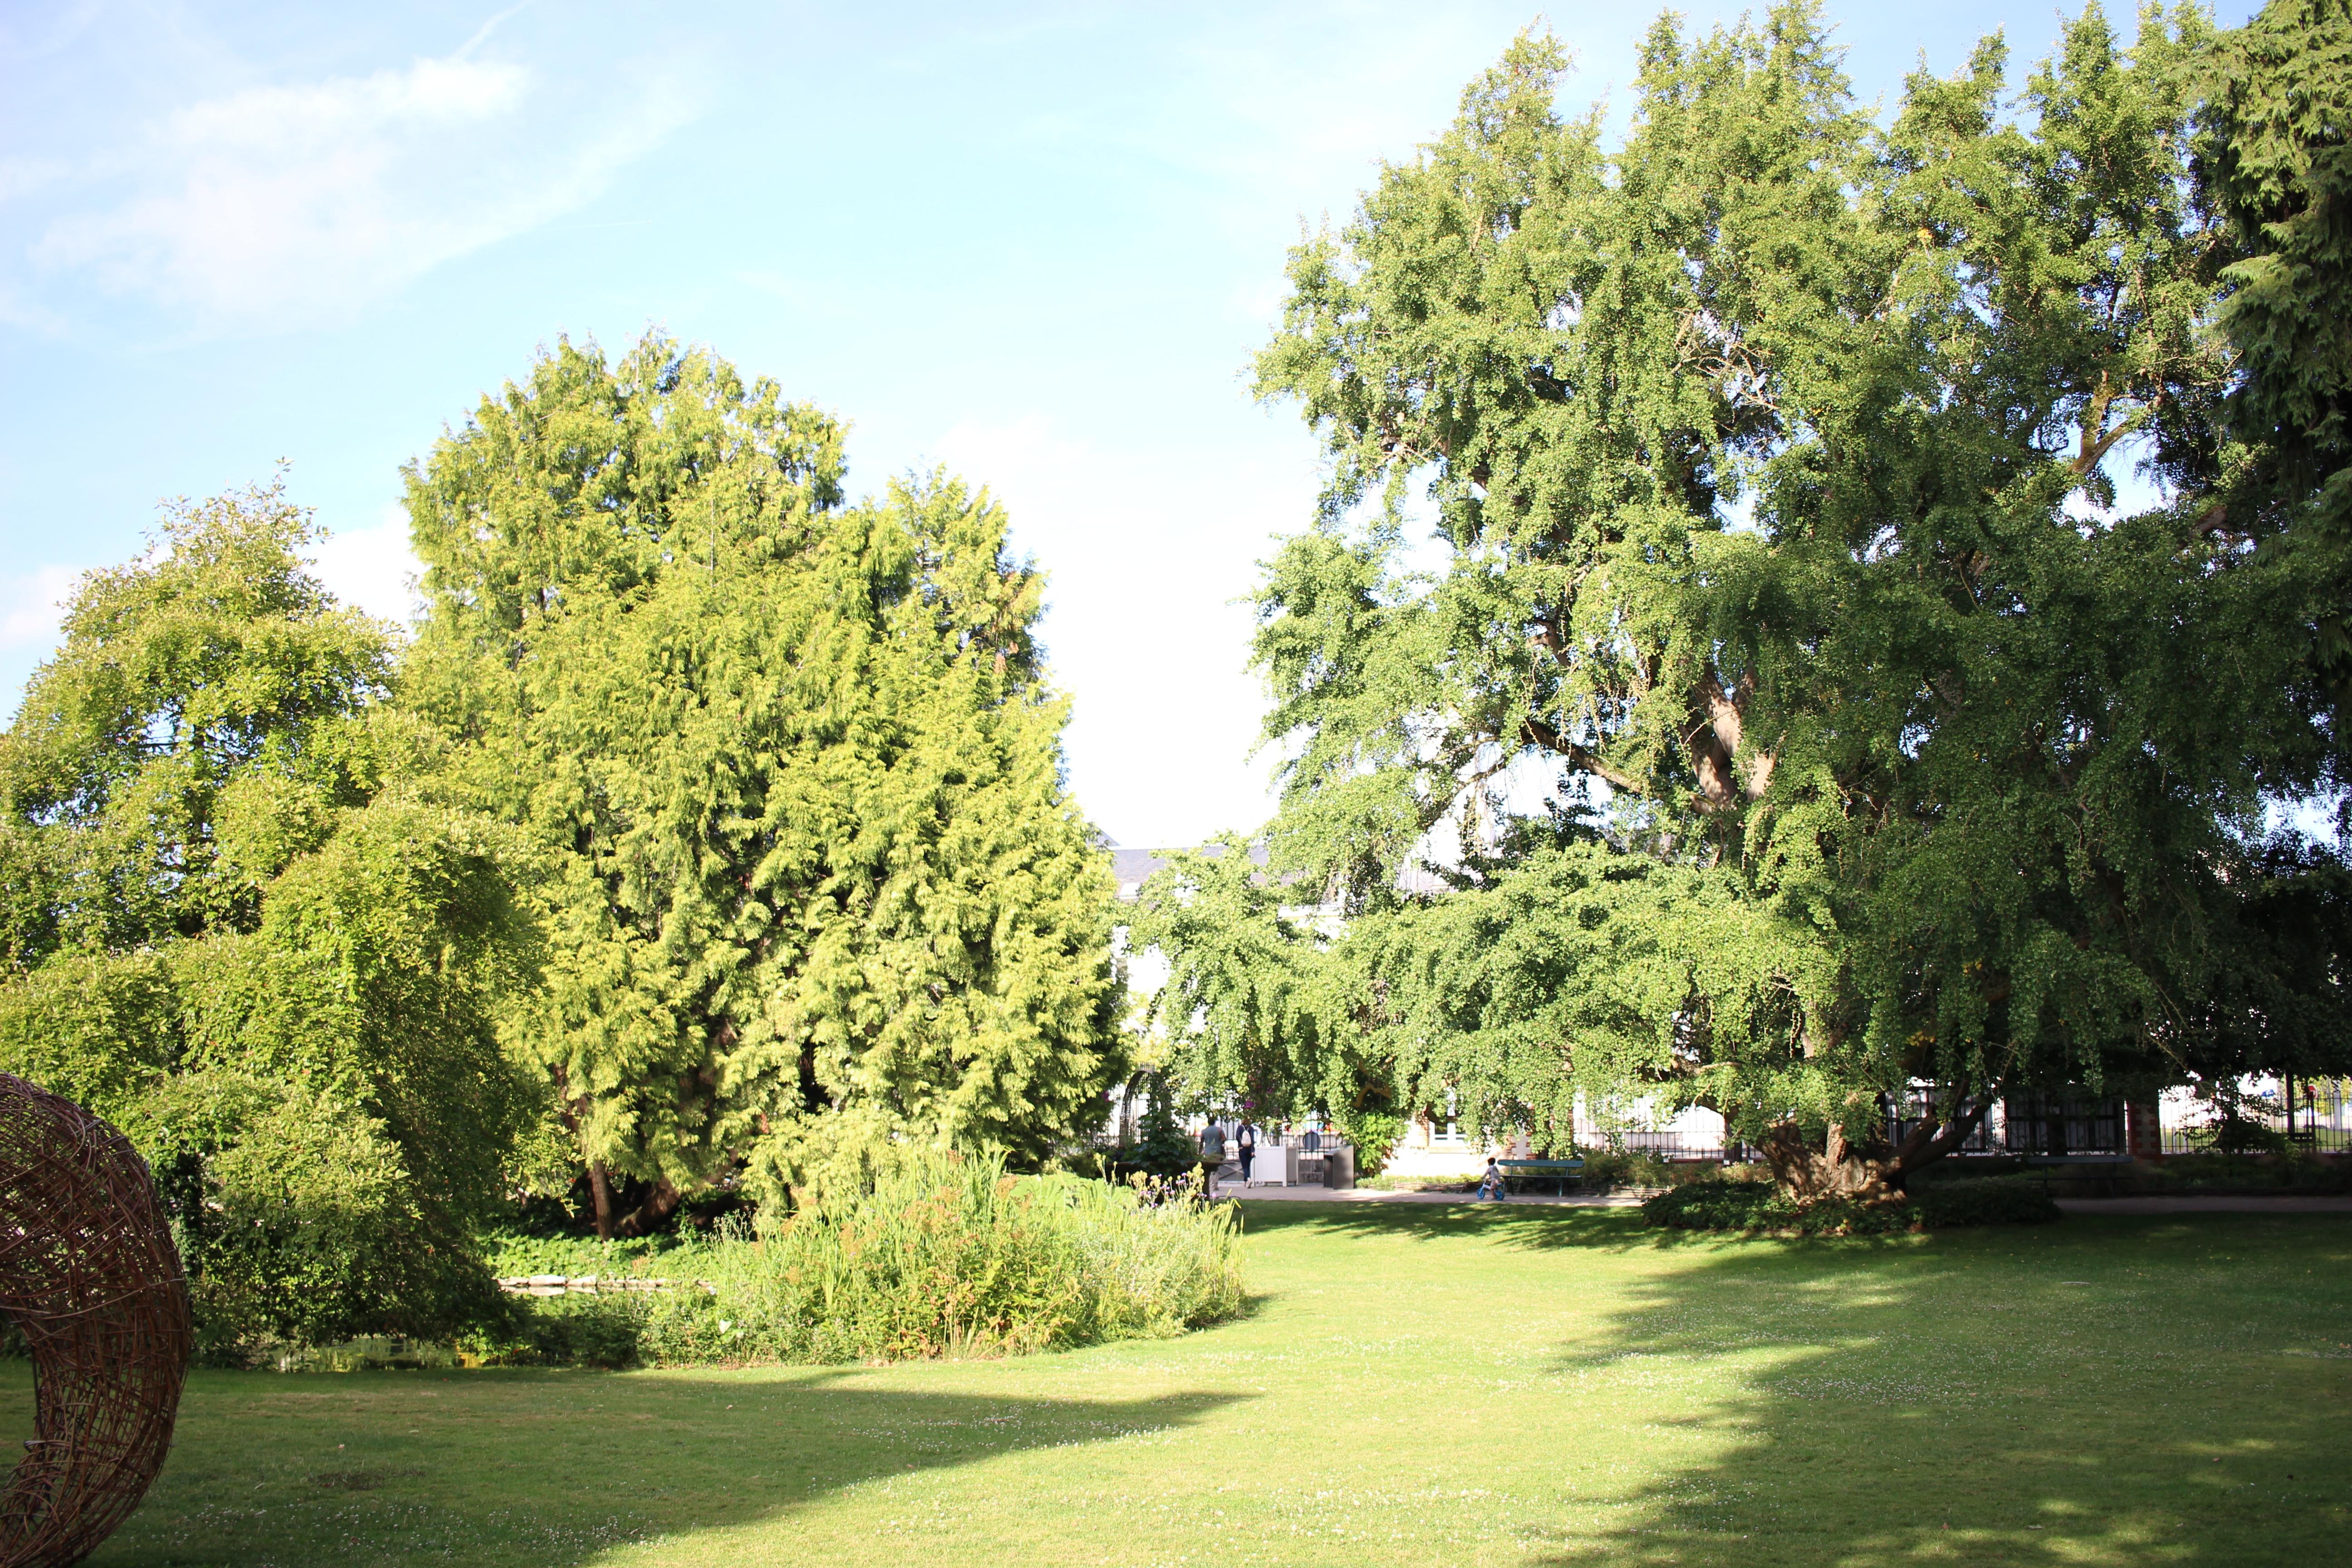 filetours paysage jardin botaniquejpg - Jardin Botanique De Tours